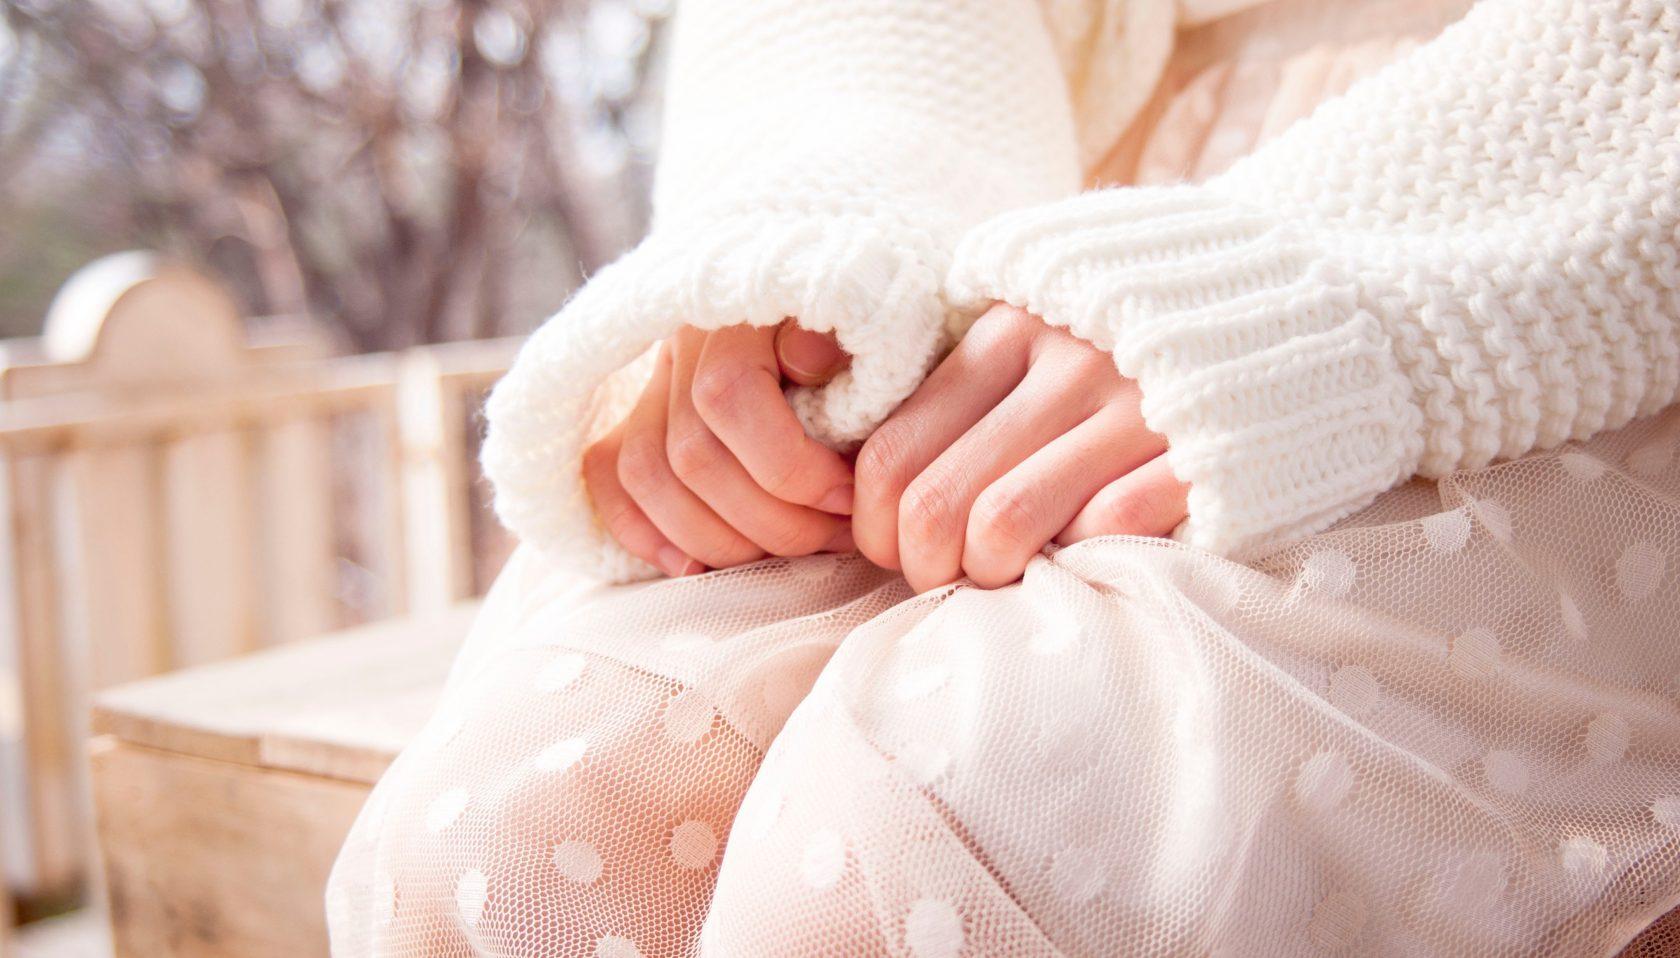 Ken je dat je gevoel wanneer de angst op je buik slaat? Jij voelt je dan misschien verstopt en opgeblazen. Weet je dat je wanneer je stress ervaart je darmen niet zijn gebruikelijke taak van verteren uit voeren maar hoe los je de stress op? En laat je jouw buik weer werken zoals het moet? De spanning slaat op je buik dat komt omdat stress/angst een kramp veroorzaakt. Spanning, stress en angst zijn krampen, en omdat bij jou je buik dit de signaal/tigger plek is voel jij het daar. Het is een signaal van je lichaam aan jou dat er iets niet helemaal lekker gaat in je darmen. Die tigger heeft twee componenten. Laten we het even 1 en 2 noemen om het simpel te houden. 1: de darm zelf die heeft geleden onder de spanning is overgevoelig geworden waardoor nu zijn signalen nog duidelijker afgeeft. 2: de darm zelf is een oorzaak geworden van stress waardoor er waarschijnlijk ziekte is ontstaan en het nu echt zorgt behoeft.